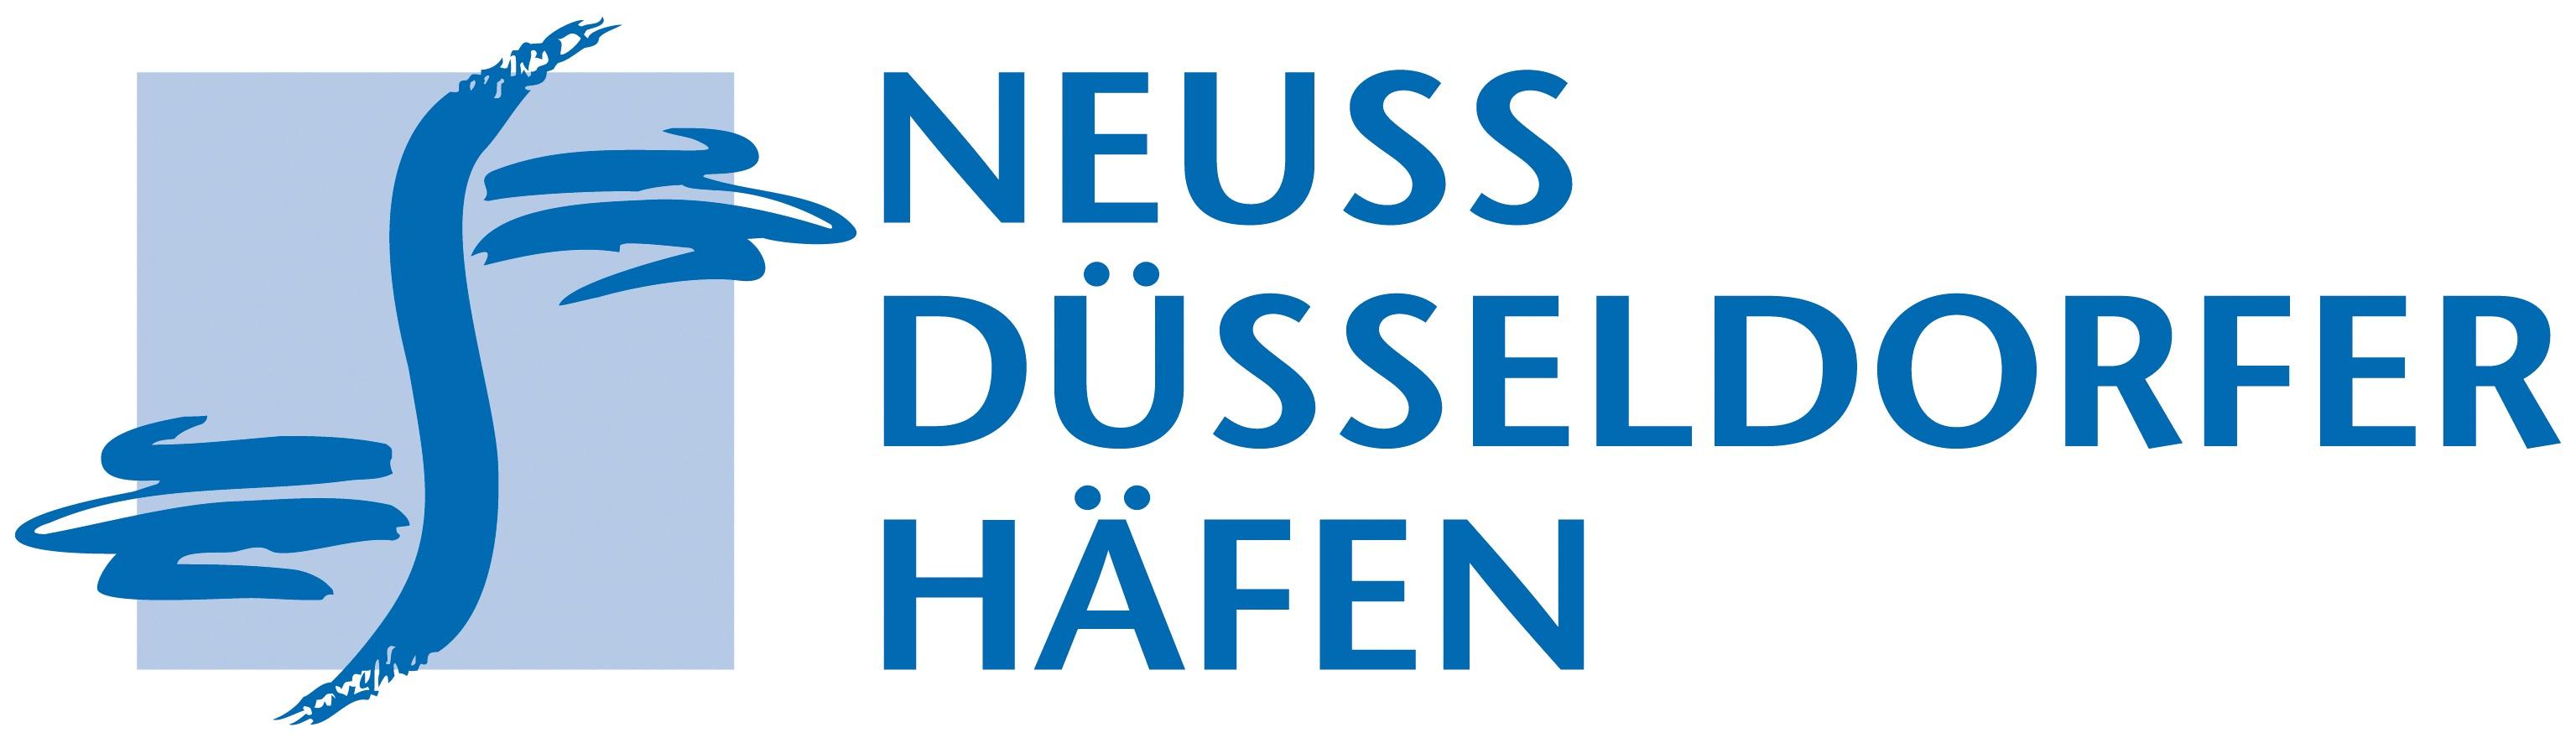 Neuss Düsseldorfer Häfen